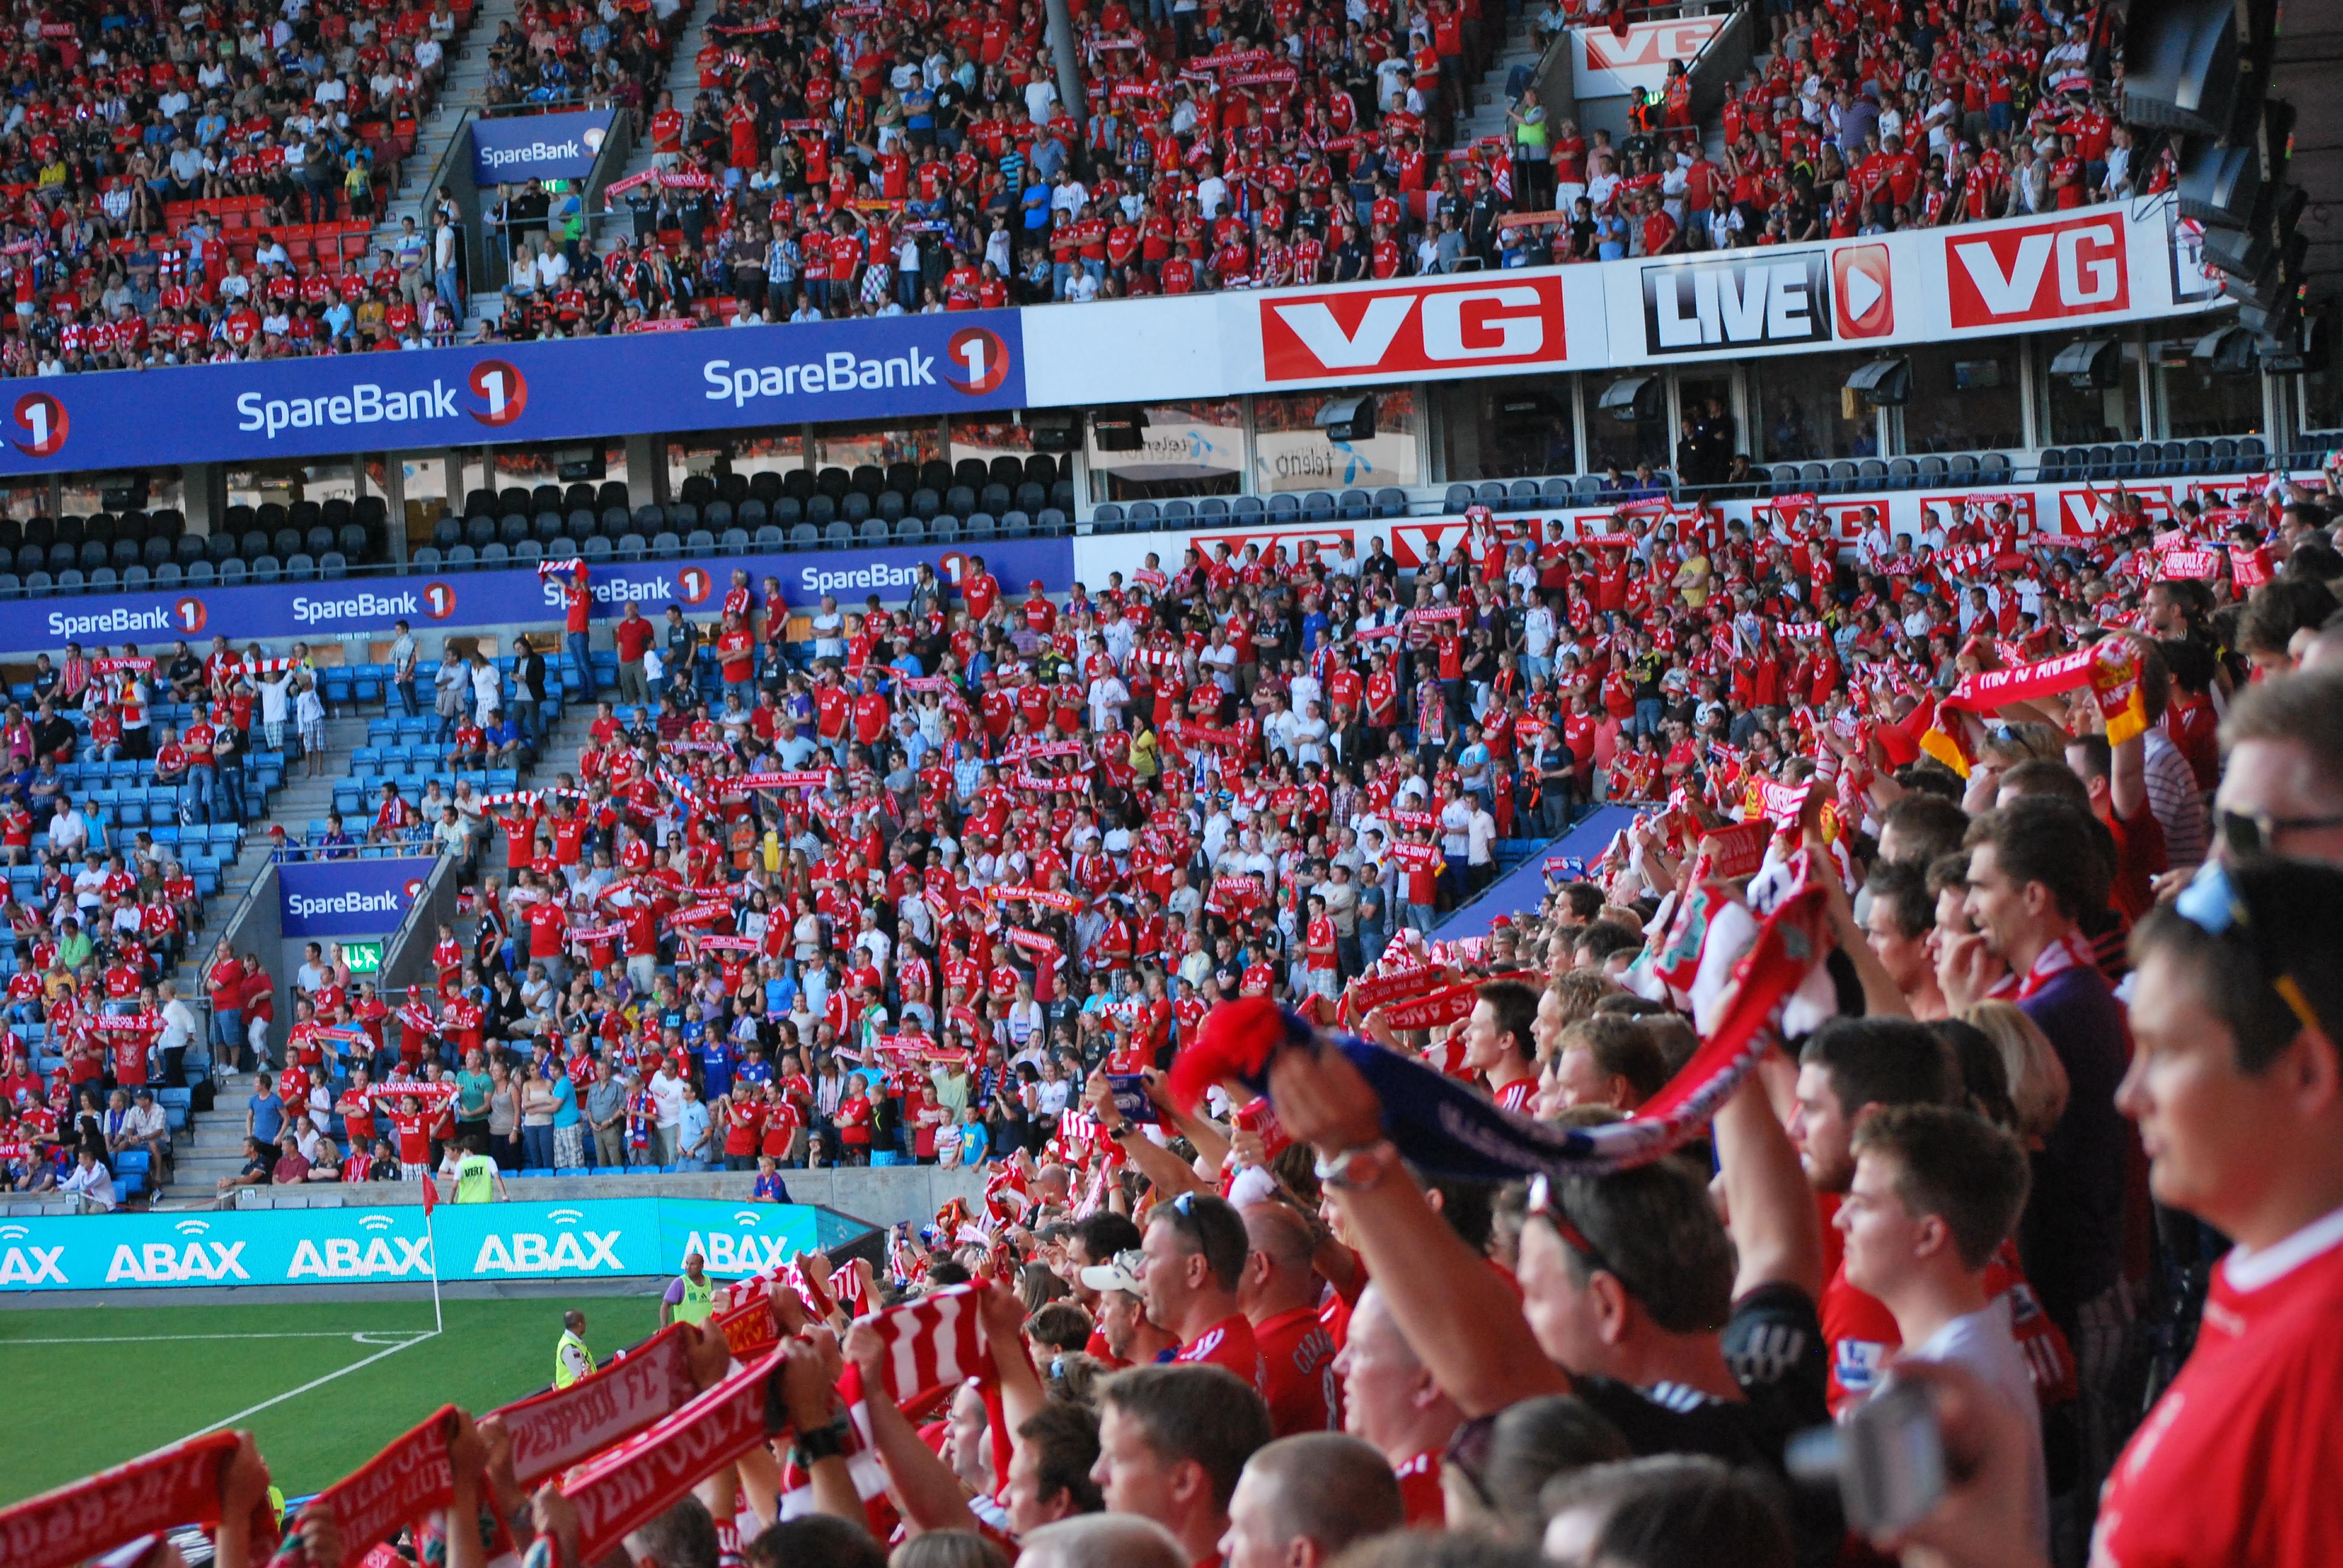 """Vålerenga - Liverpool """"Youll never walk alone"""" (5999763826).jpg"""